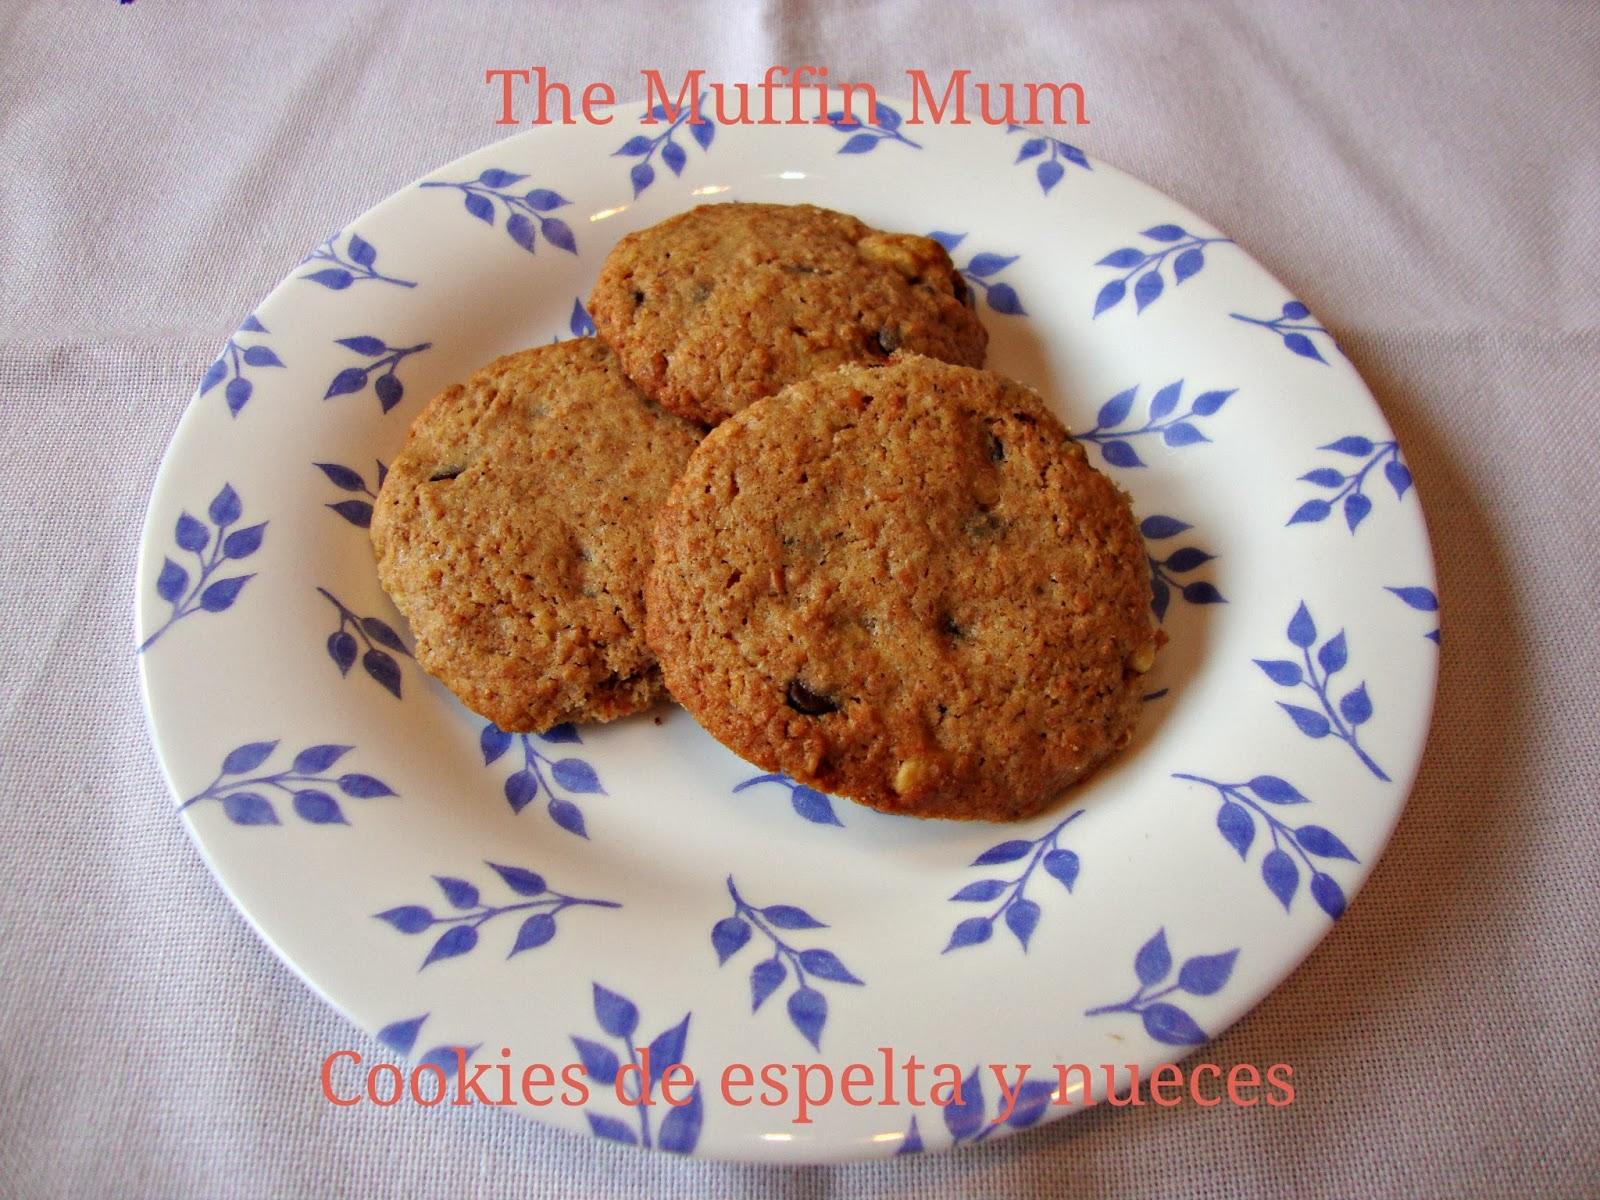 Cookies de espelta y nueces